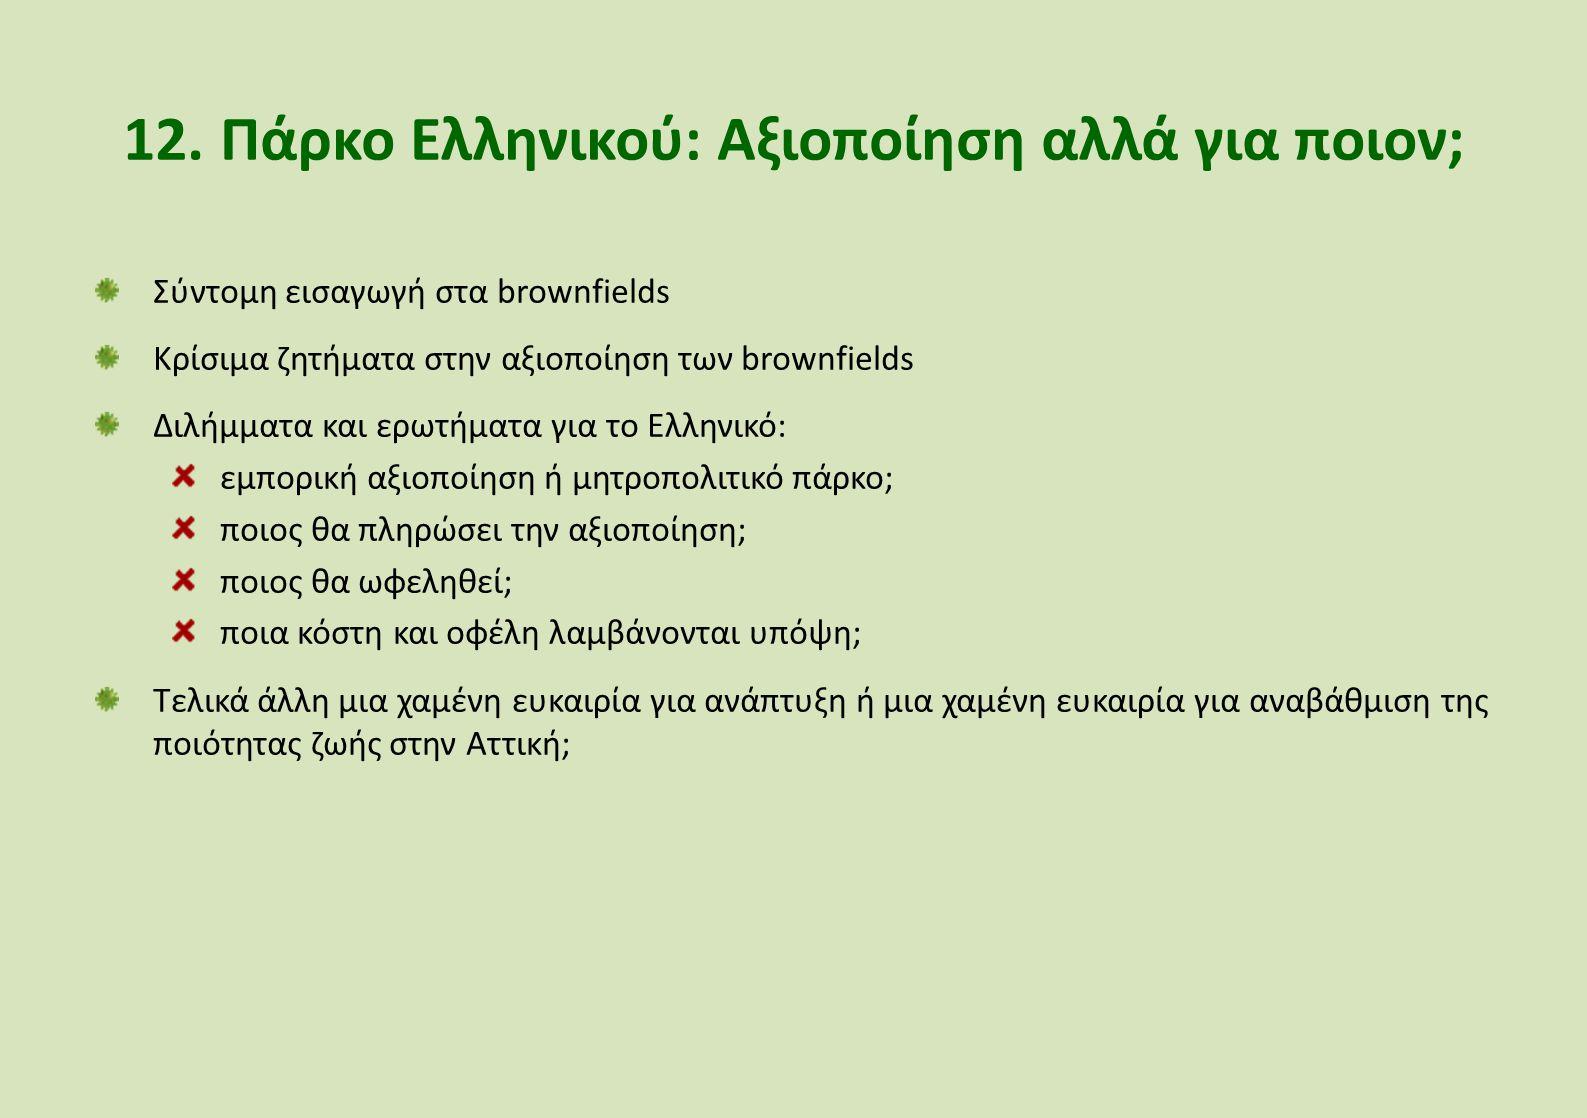 12. Πάρκο Ελληνικού: Αξιοποίηση αλλά για ποιον; Σύντομη εισαγωγή στα brownfields Κρίσιμα ζητήματα στην αξιοποίηση των brownfields Διλήμματα και ερωτήμ